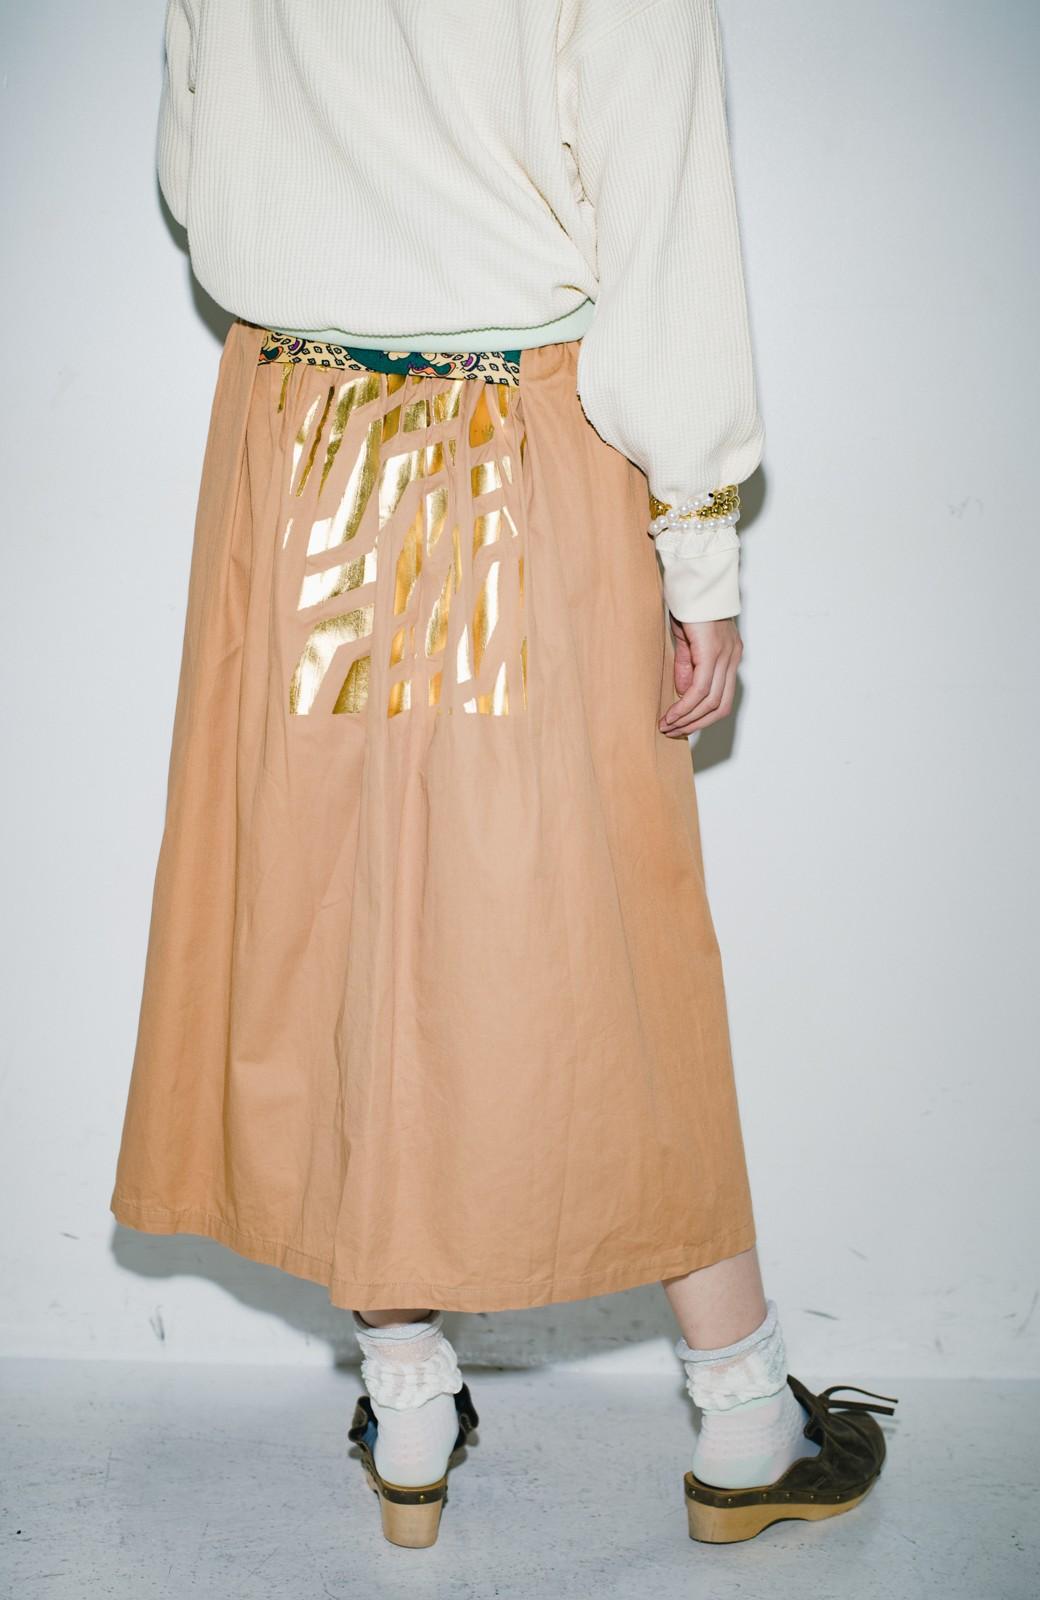 haco! haco! × RBTXCO後ろ姿にトキメキ 箔プリントとヒョウ柄ゴムのウエストリボンスカート <ベージュ>の商品写真13